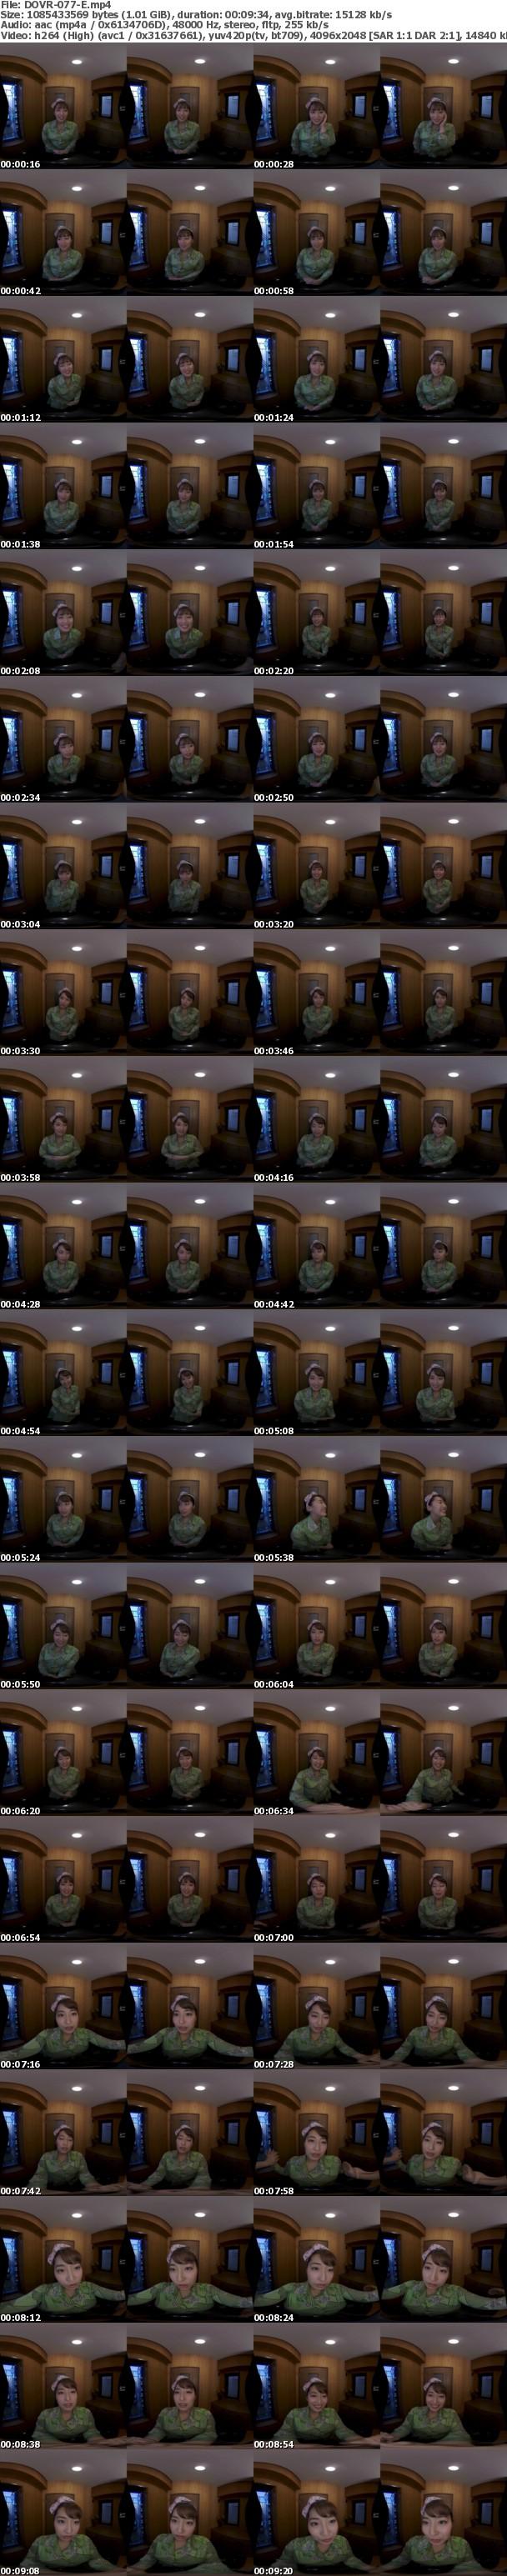 DOVR-077-E-screenshot